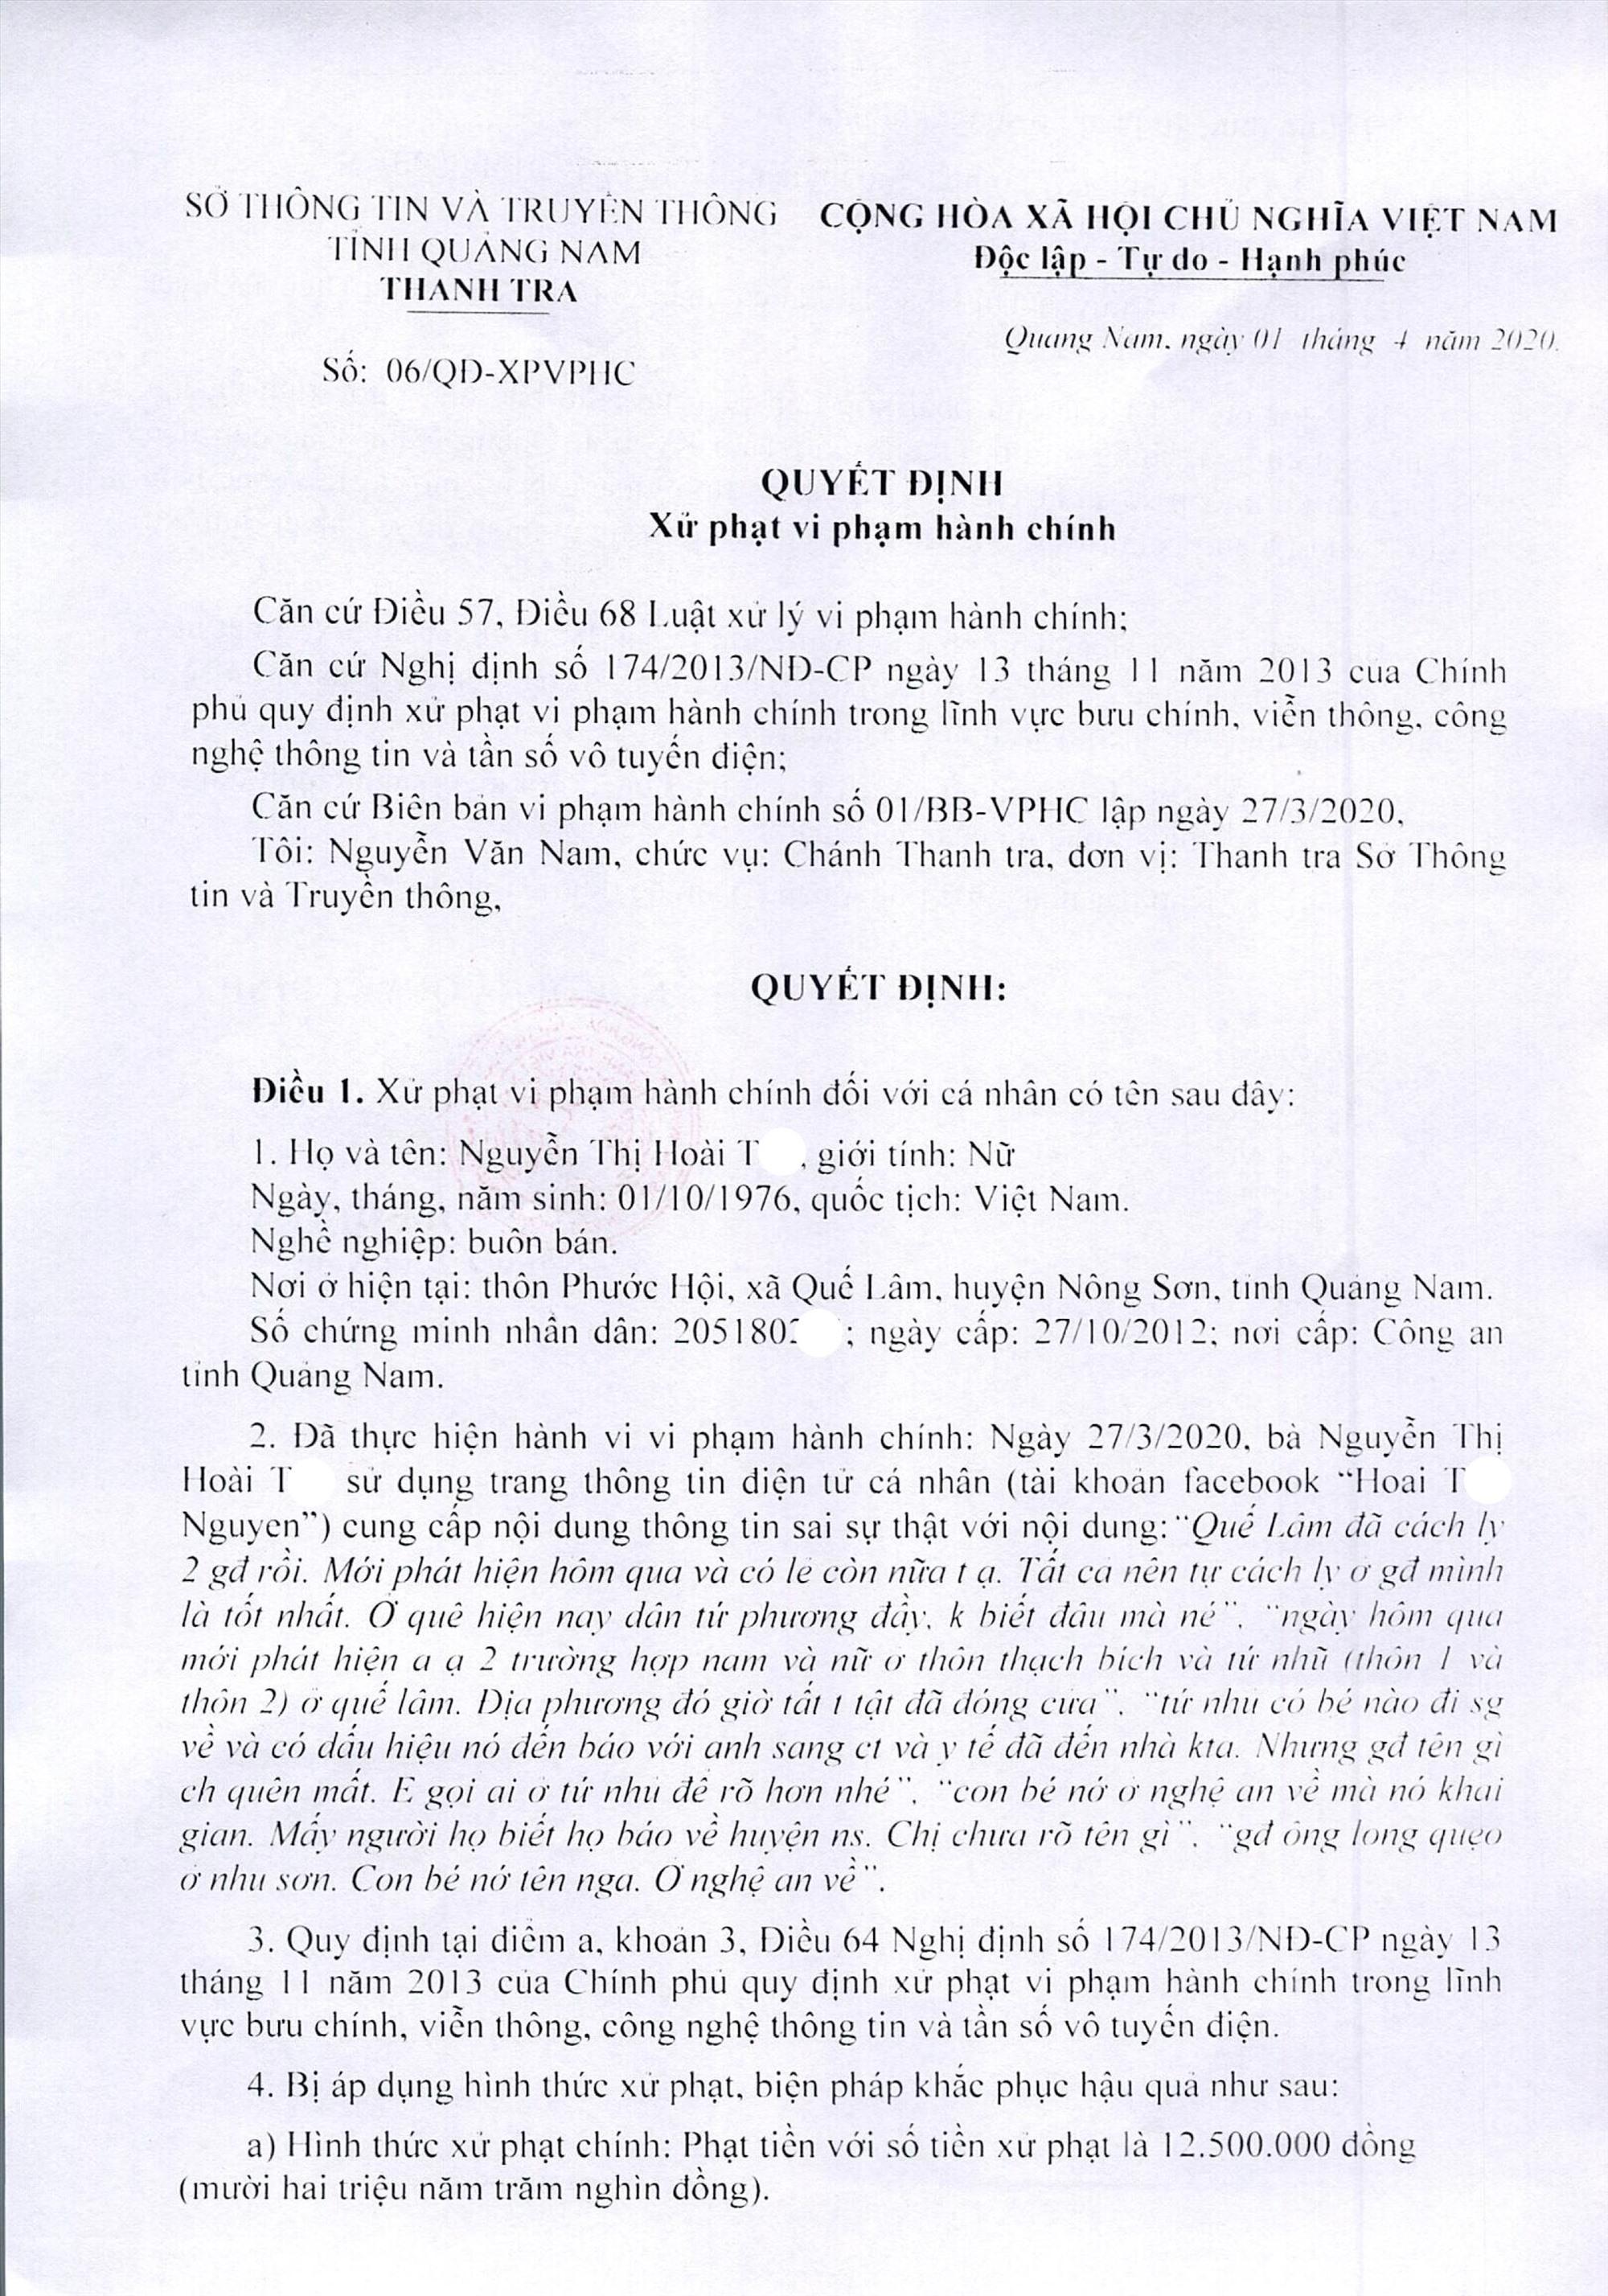 Quyết định xử phạt của Sở TT-TT đối với bà Nguyễn Thị Hoài T.